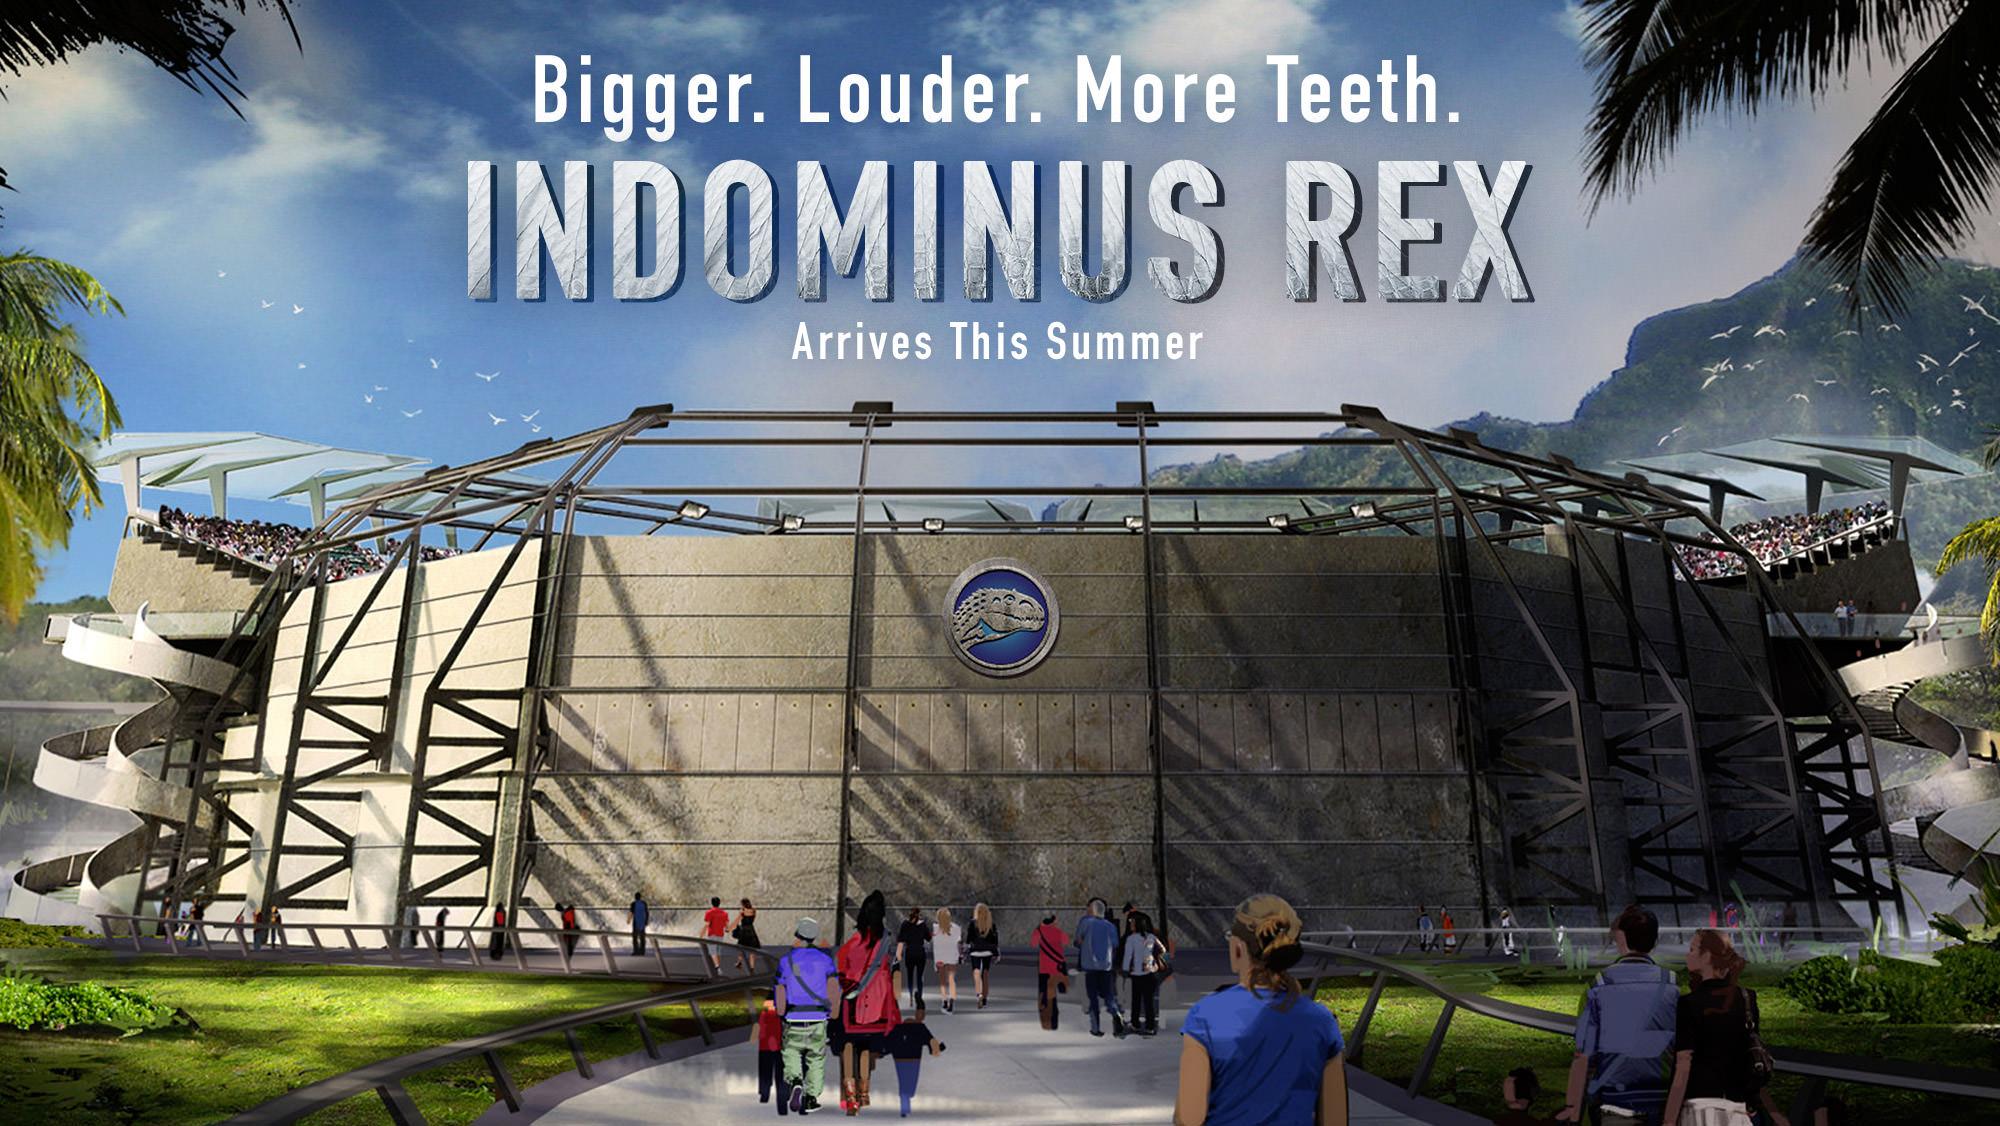 jurassic-world-indominus-rex-poster.jpg